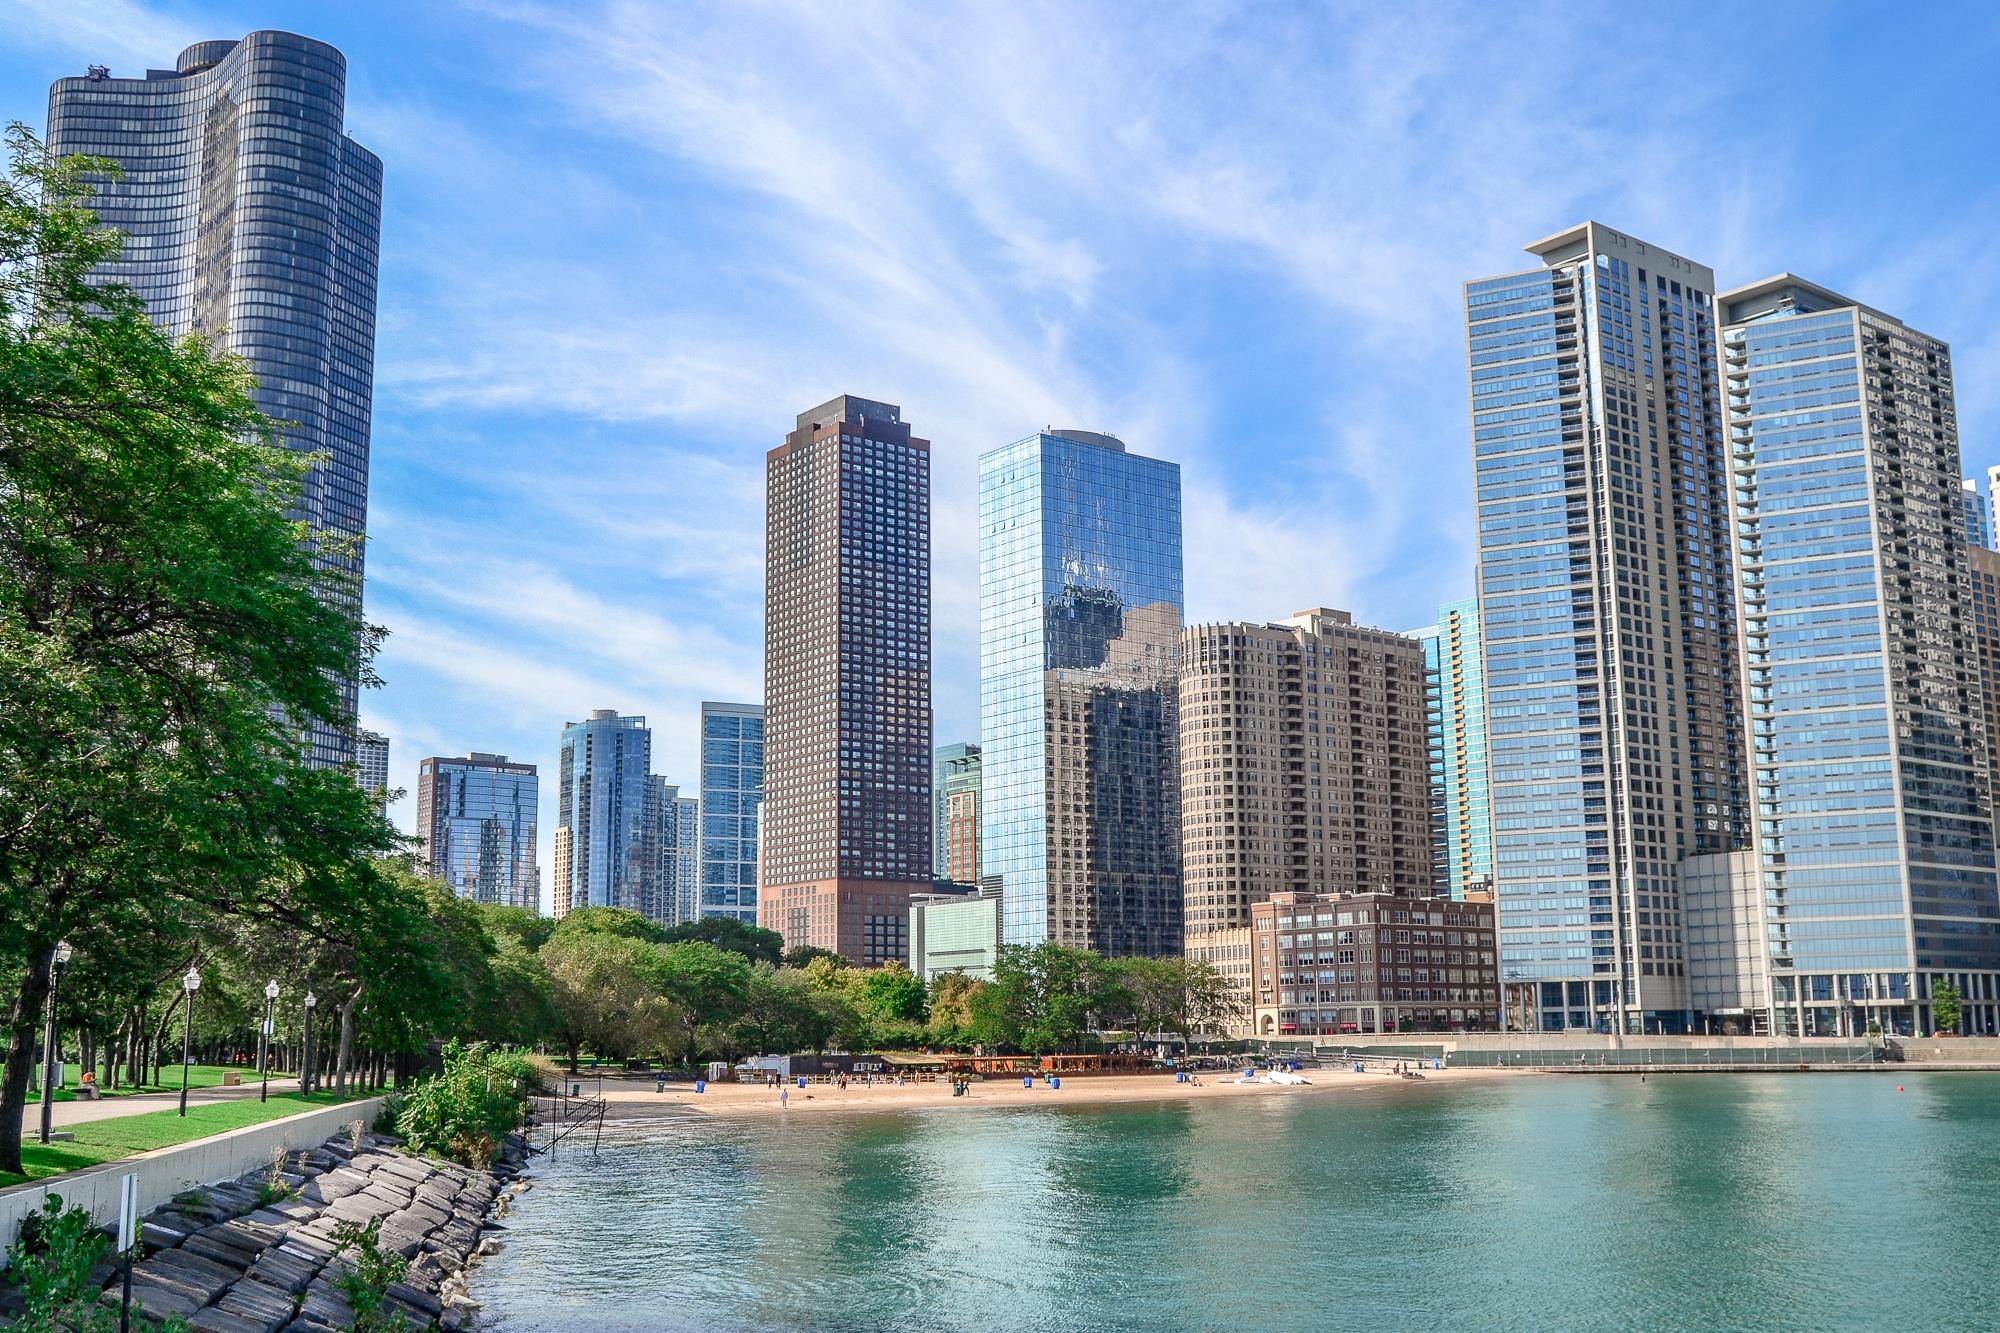 Chicago Sehenswürdigkeiten - Top Ten Things to do und Tipps für die Reise